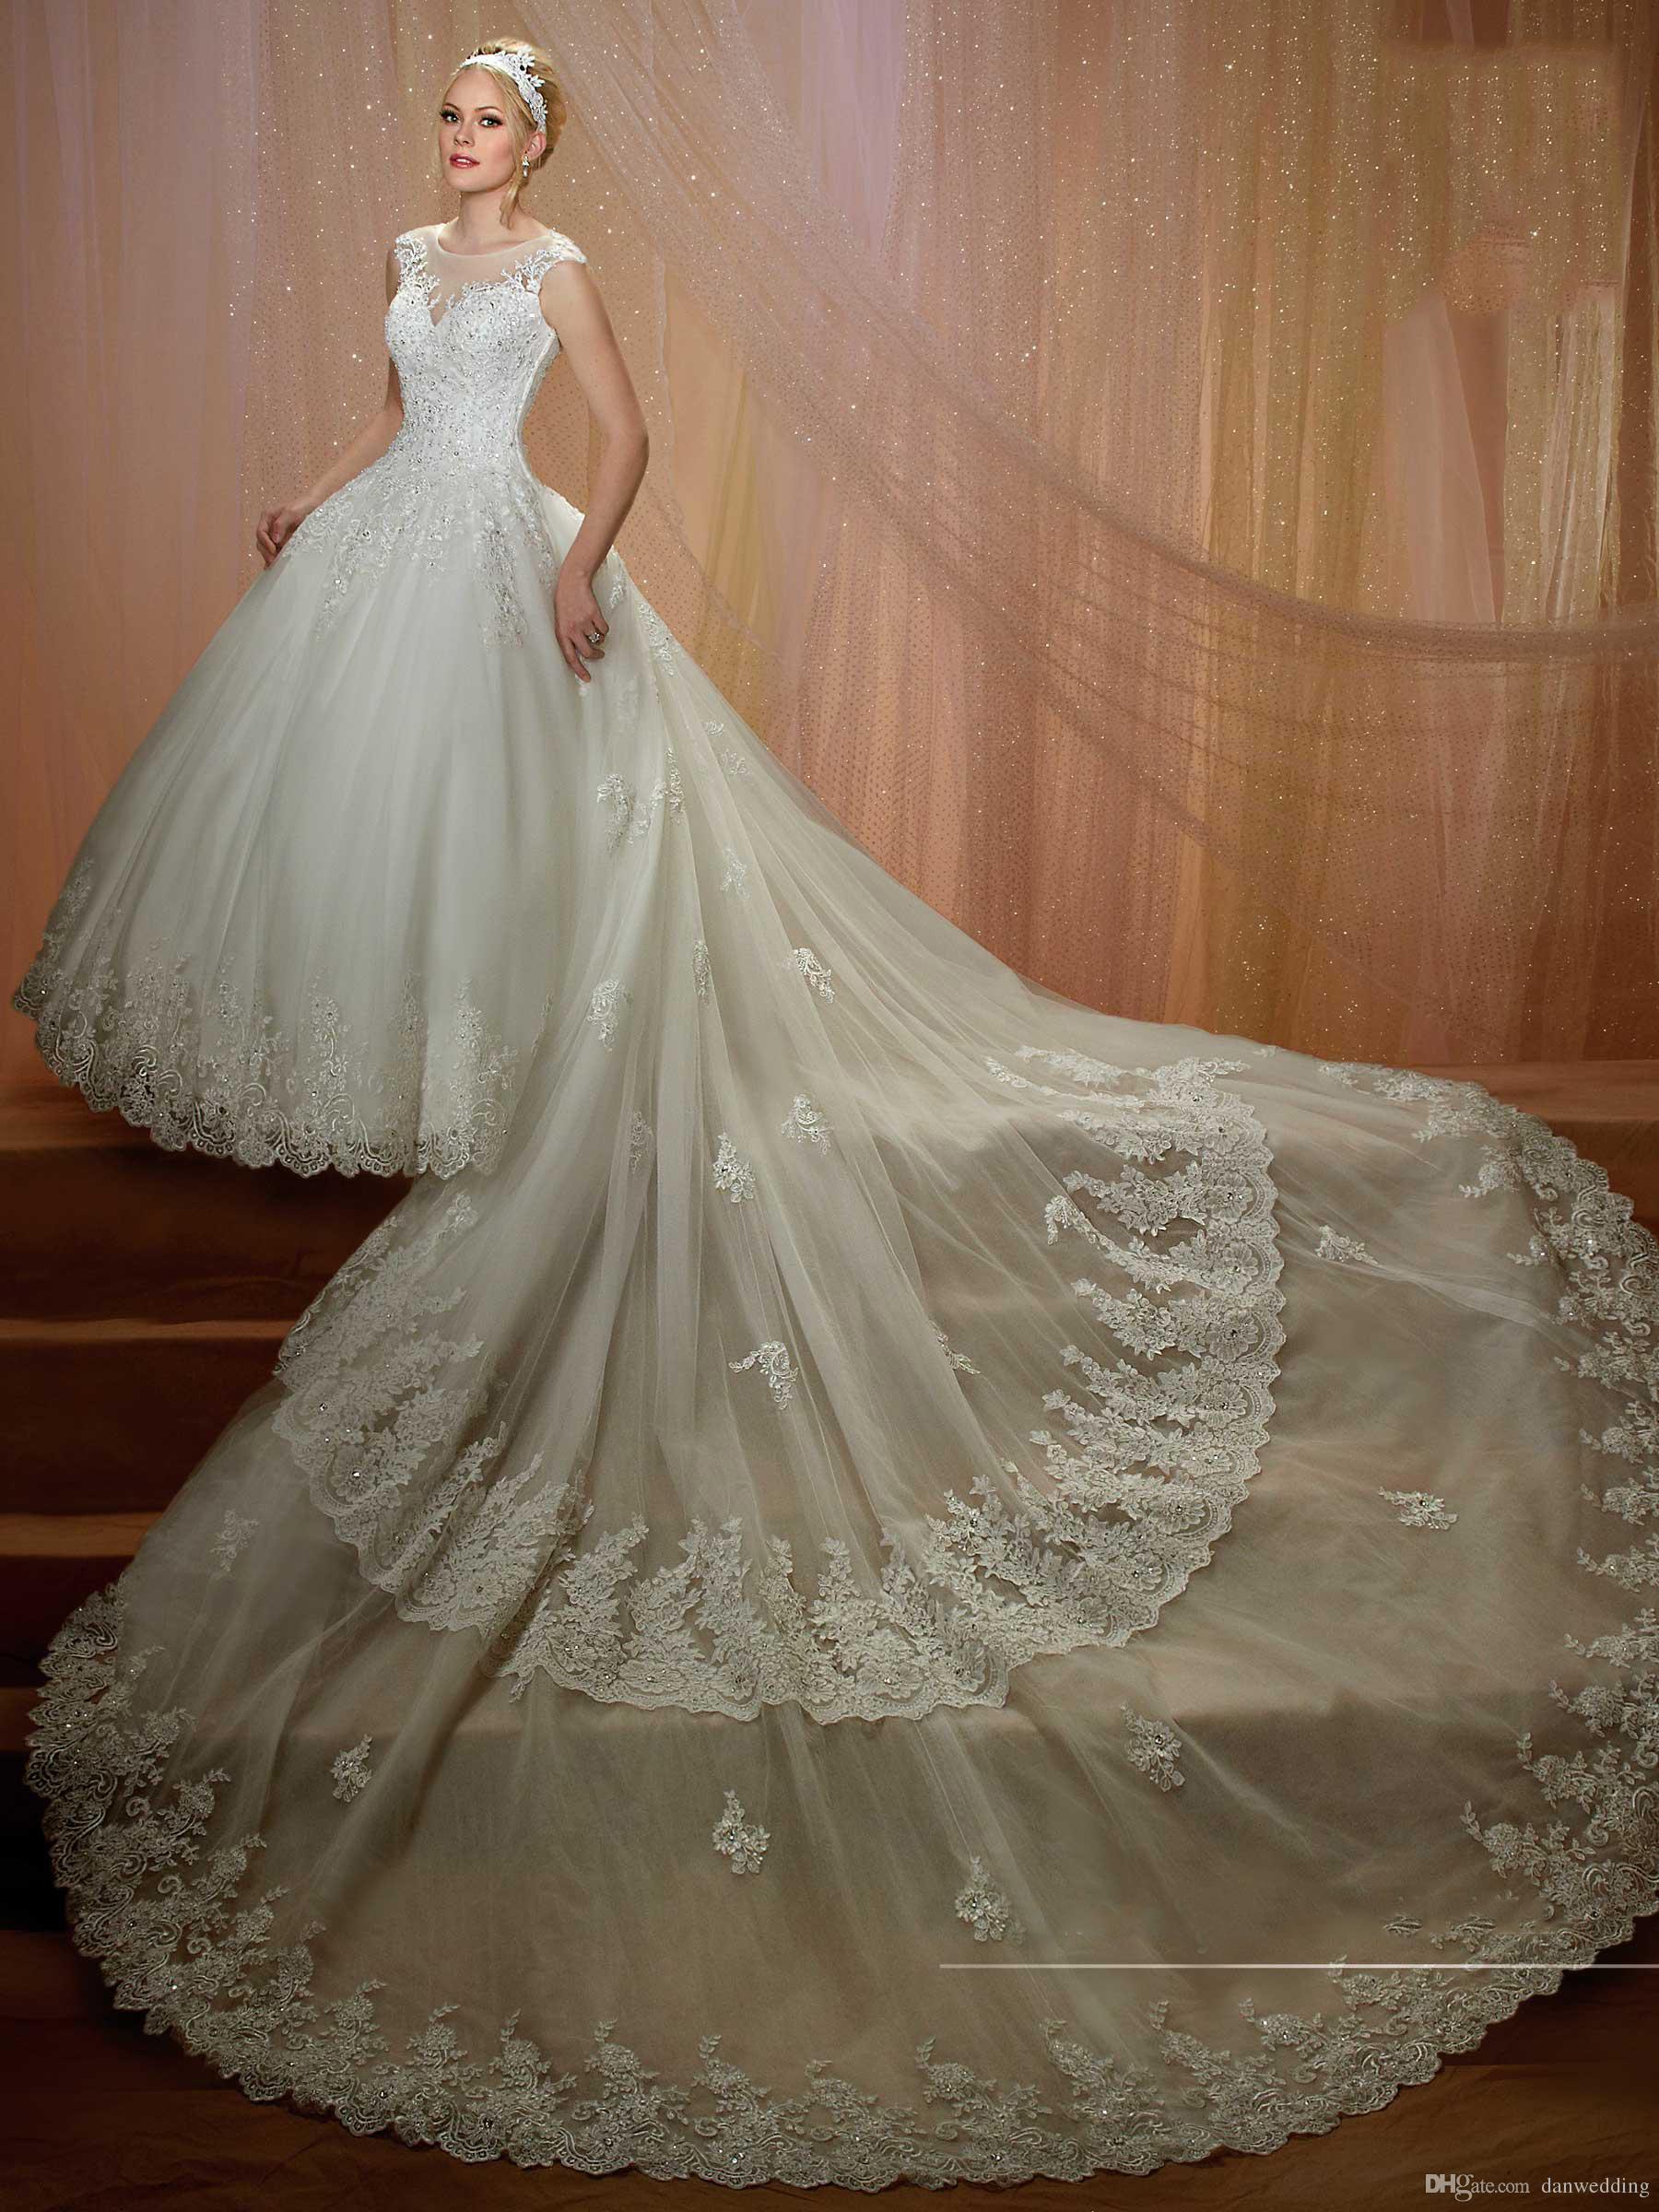 Großhandel Ausgezeichnete Elfenbein Applique Abnehmbare Schwanz Prinzessin  Brautkleider Braut Festzug Kleider Hochzeit Kleidung Kleider